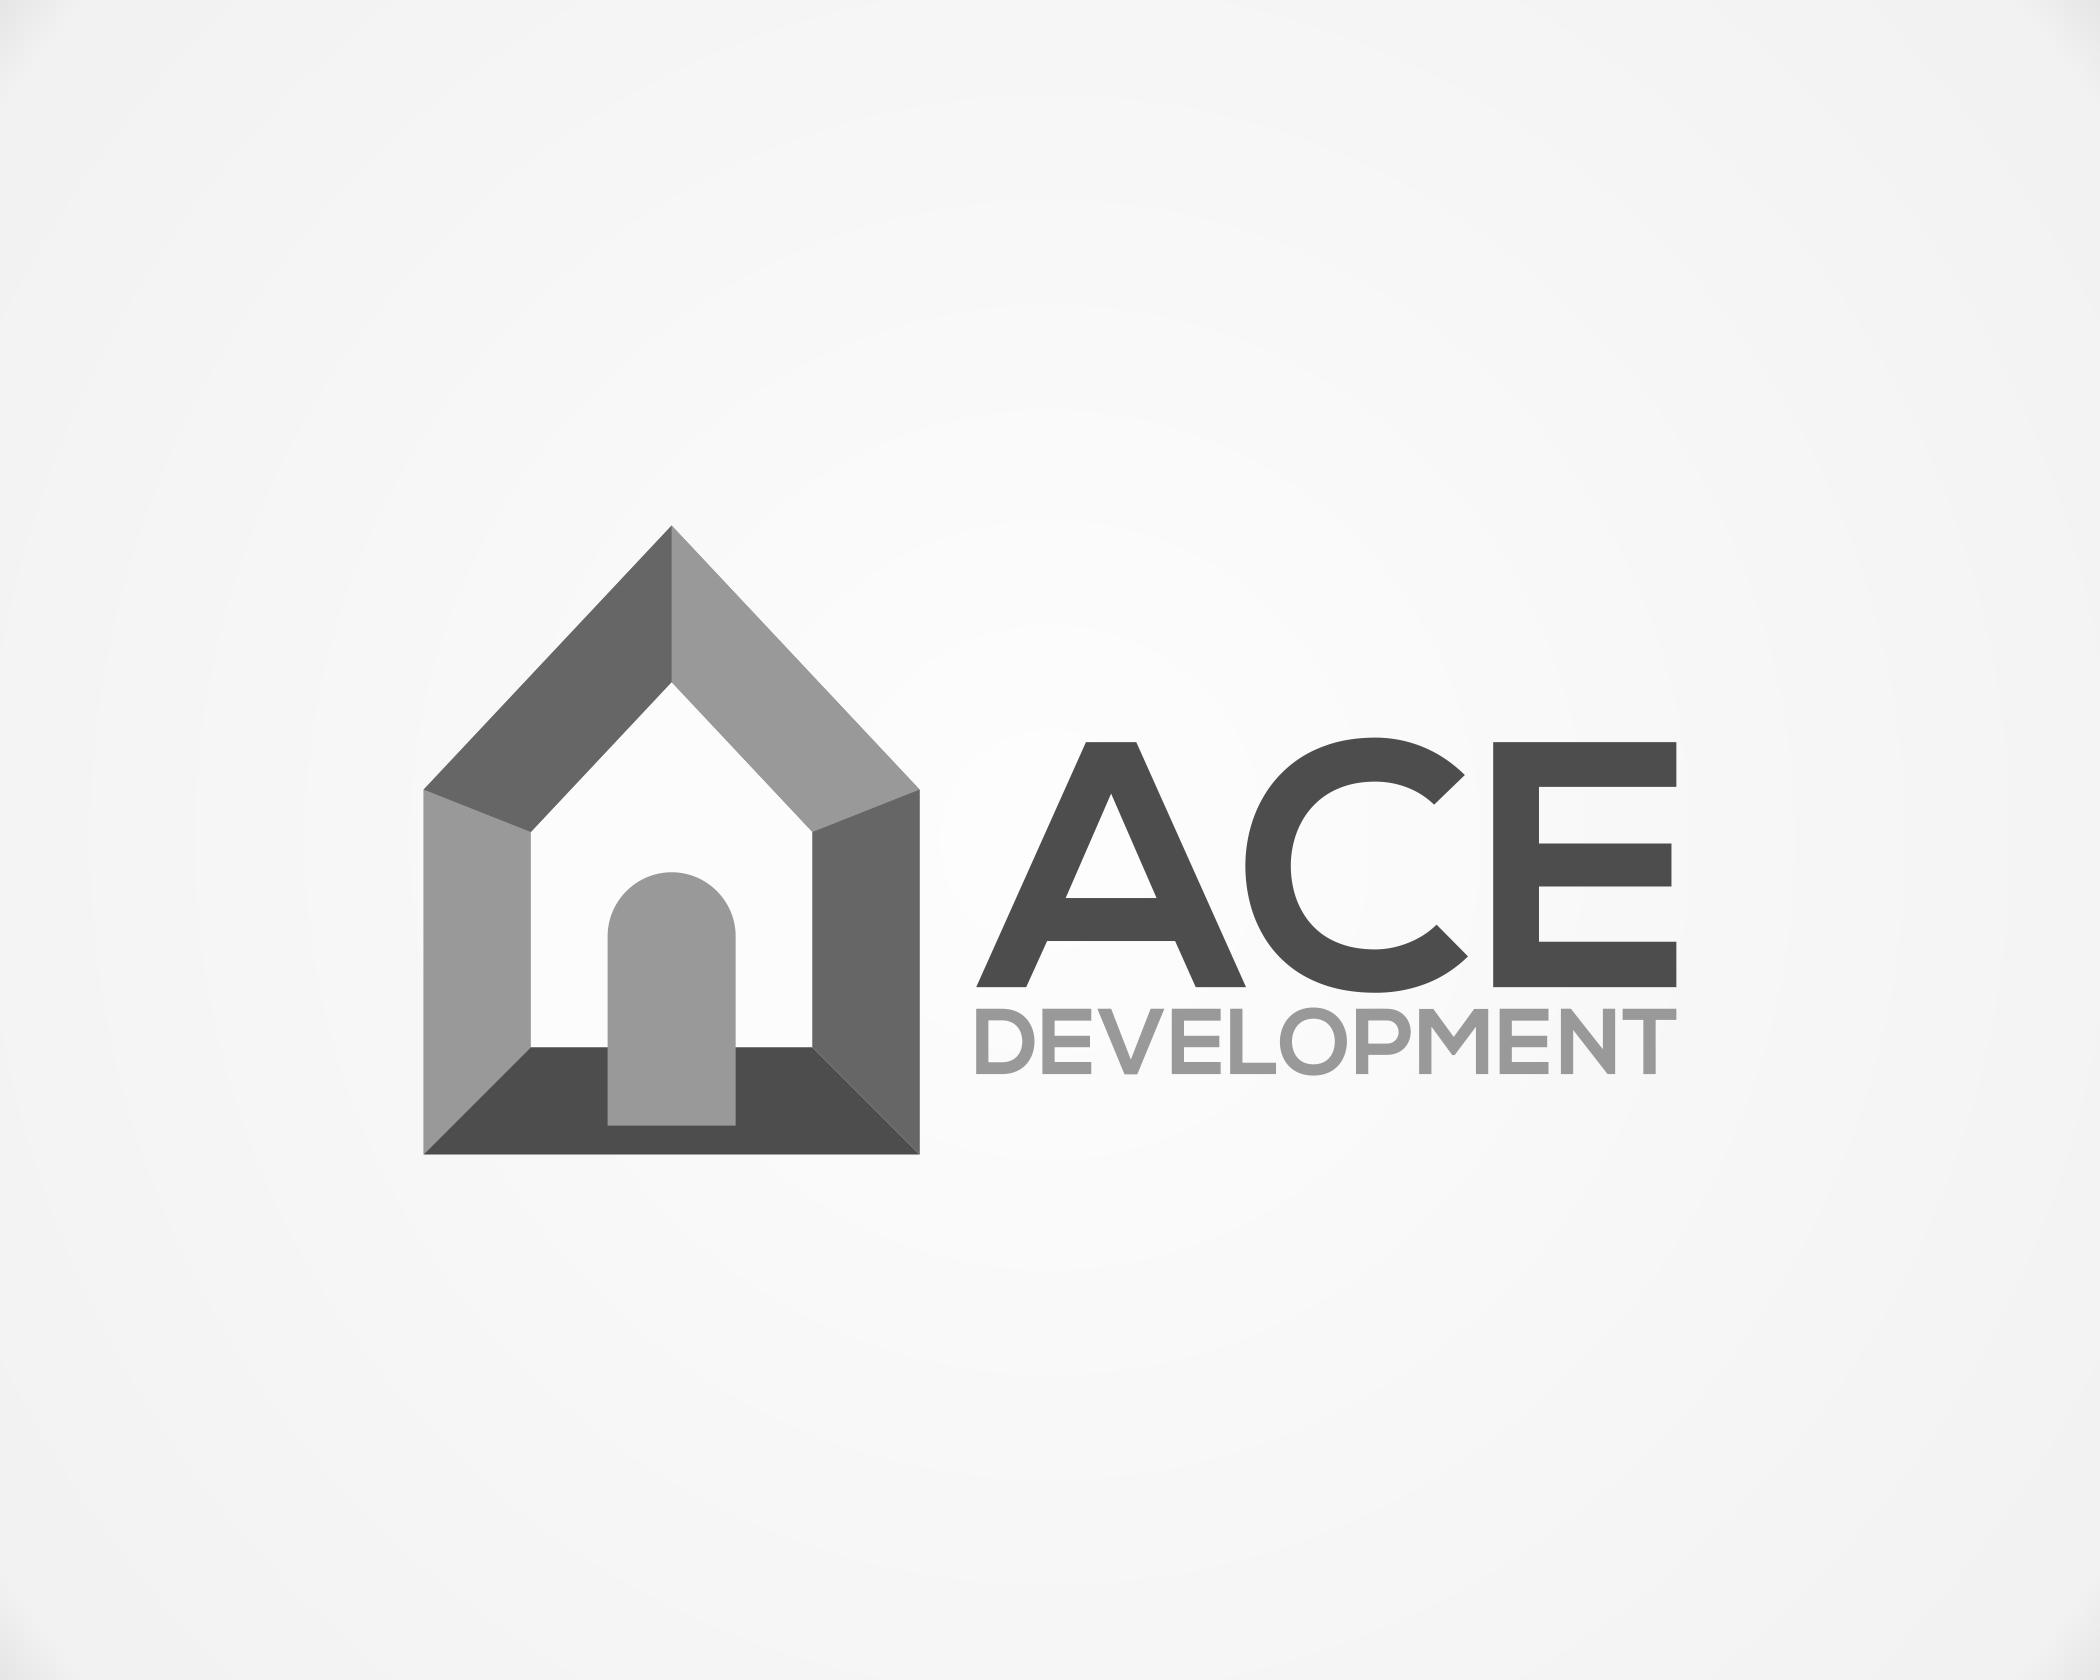 Logo Design by Raonar Rasi - Entry No. 76 in the Logo Design Contest Fun Logo Design for Ace development.